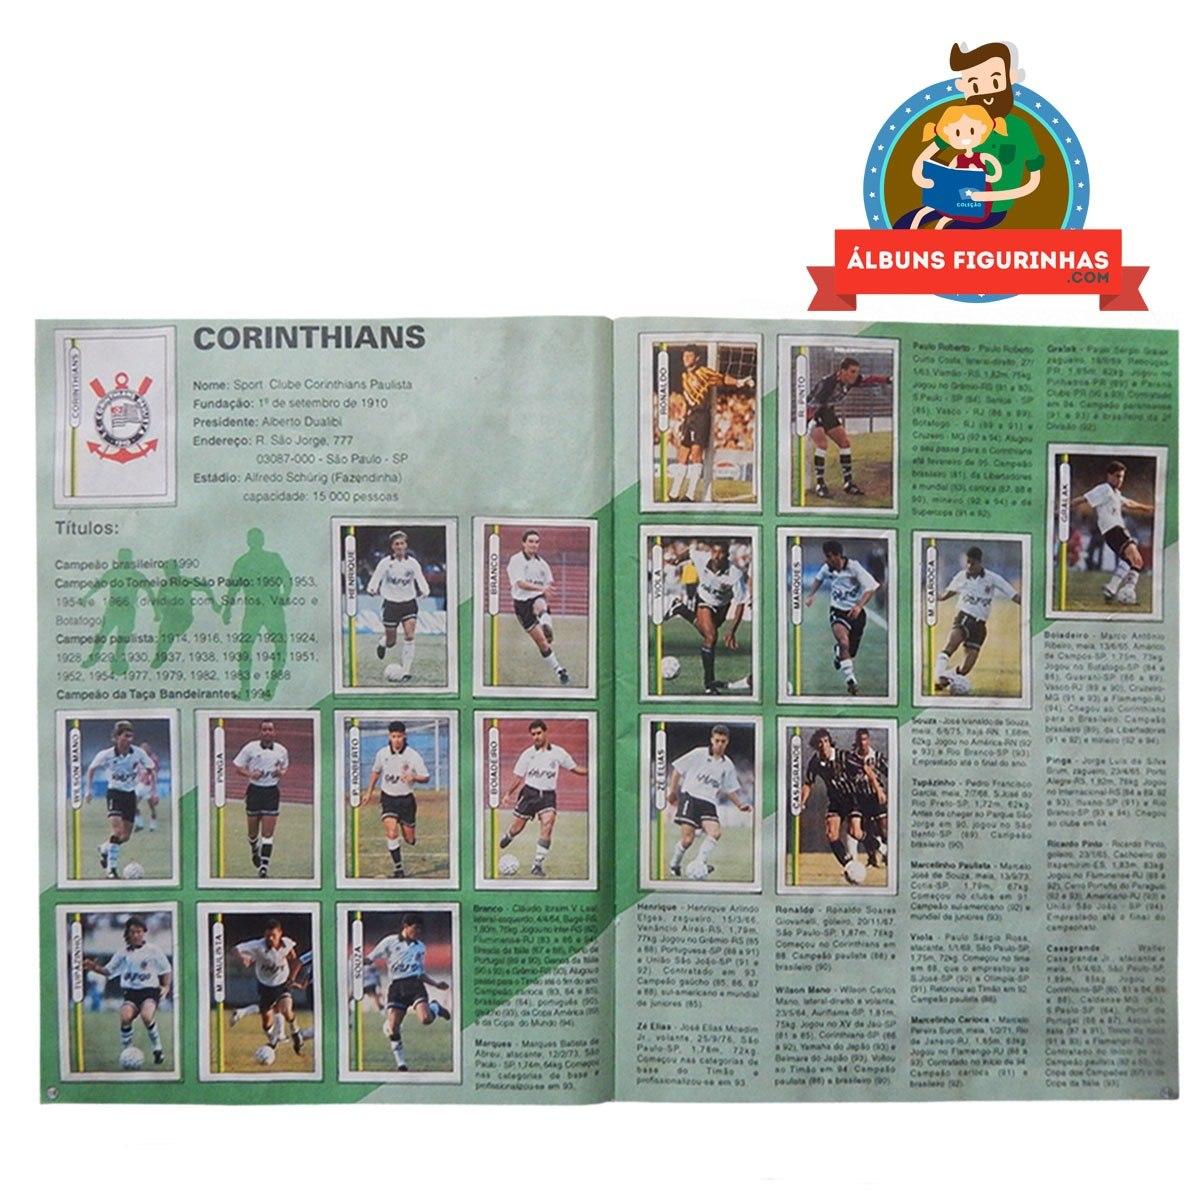 c9dd4c7c3ec8d álbum figurinhas campeonato brasileiro 1994 completo. Carregando zoom.